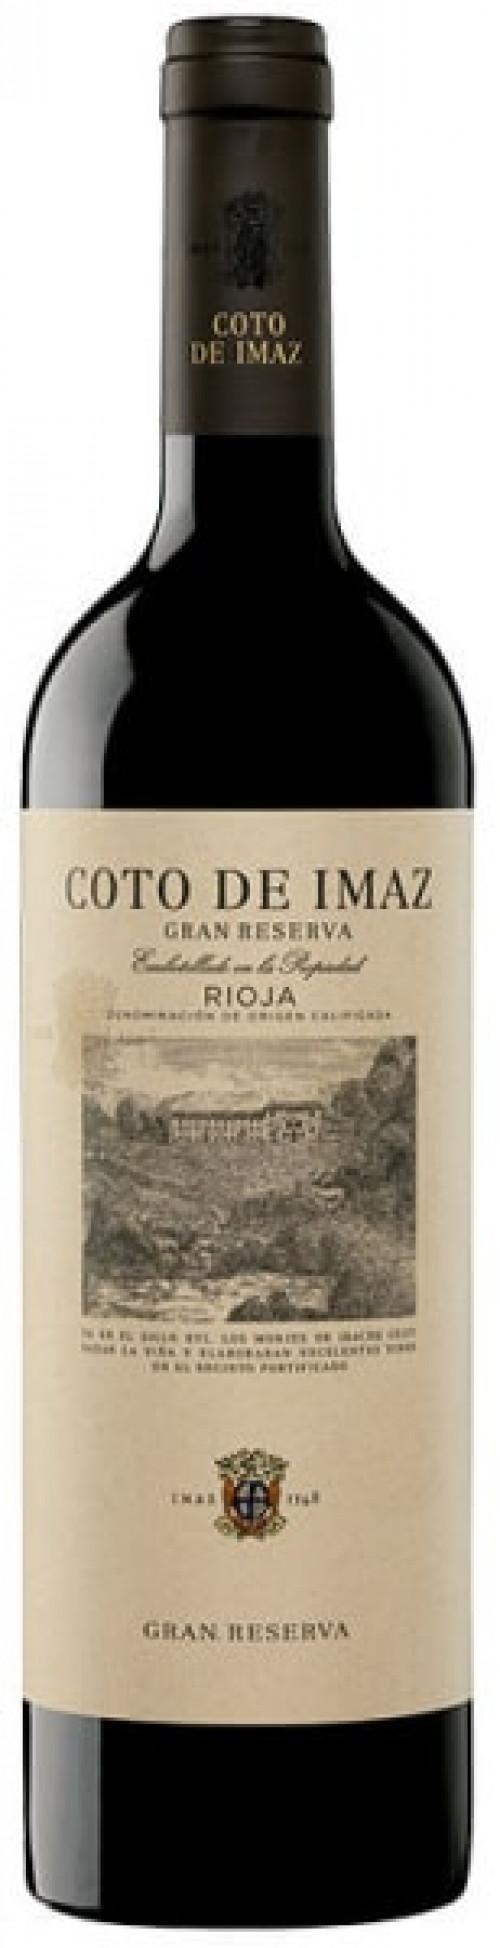 2012 El Coto Coto De Imaz Gran Reserva 750ml